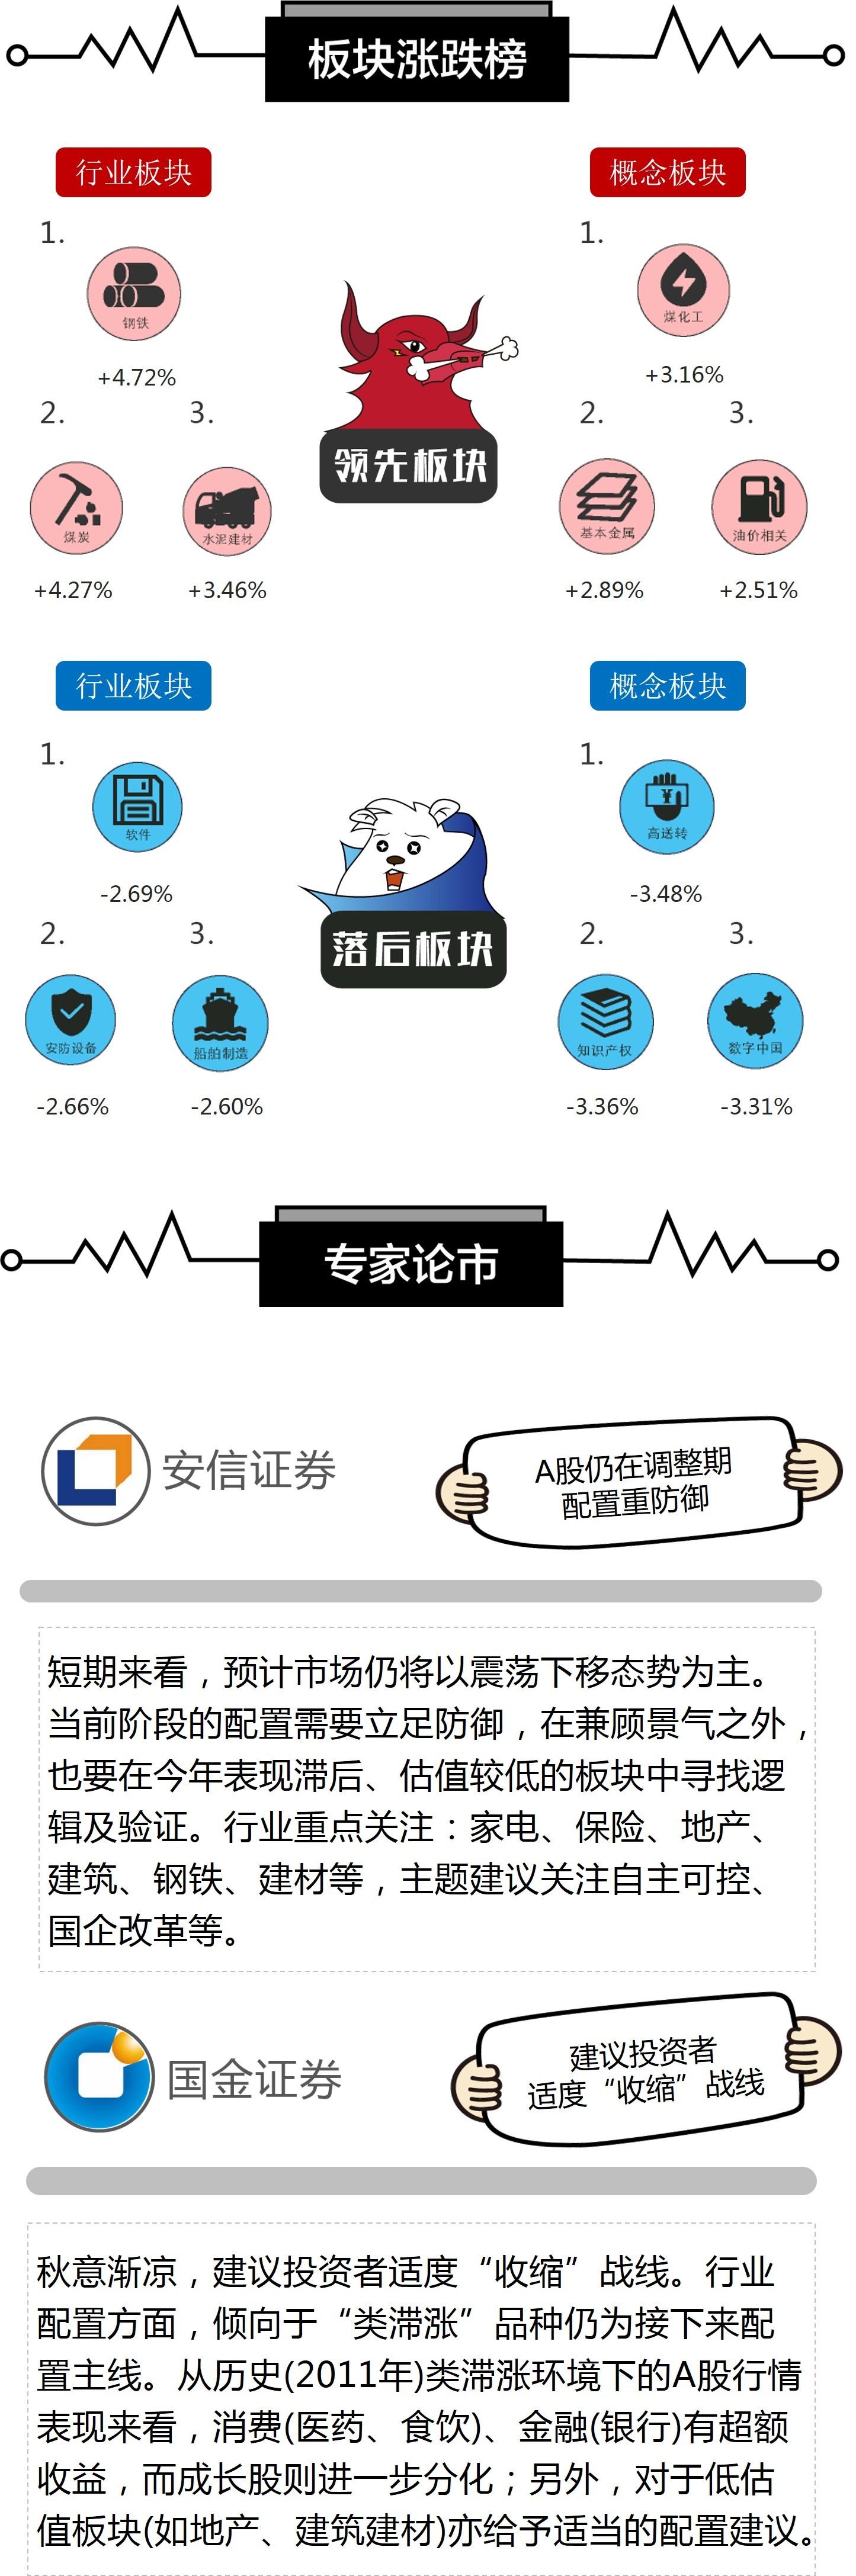 云盈国际赌博|中国C919的军用潜力有限,但未来却极具价值